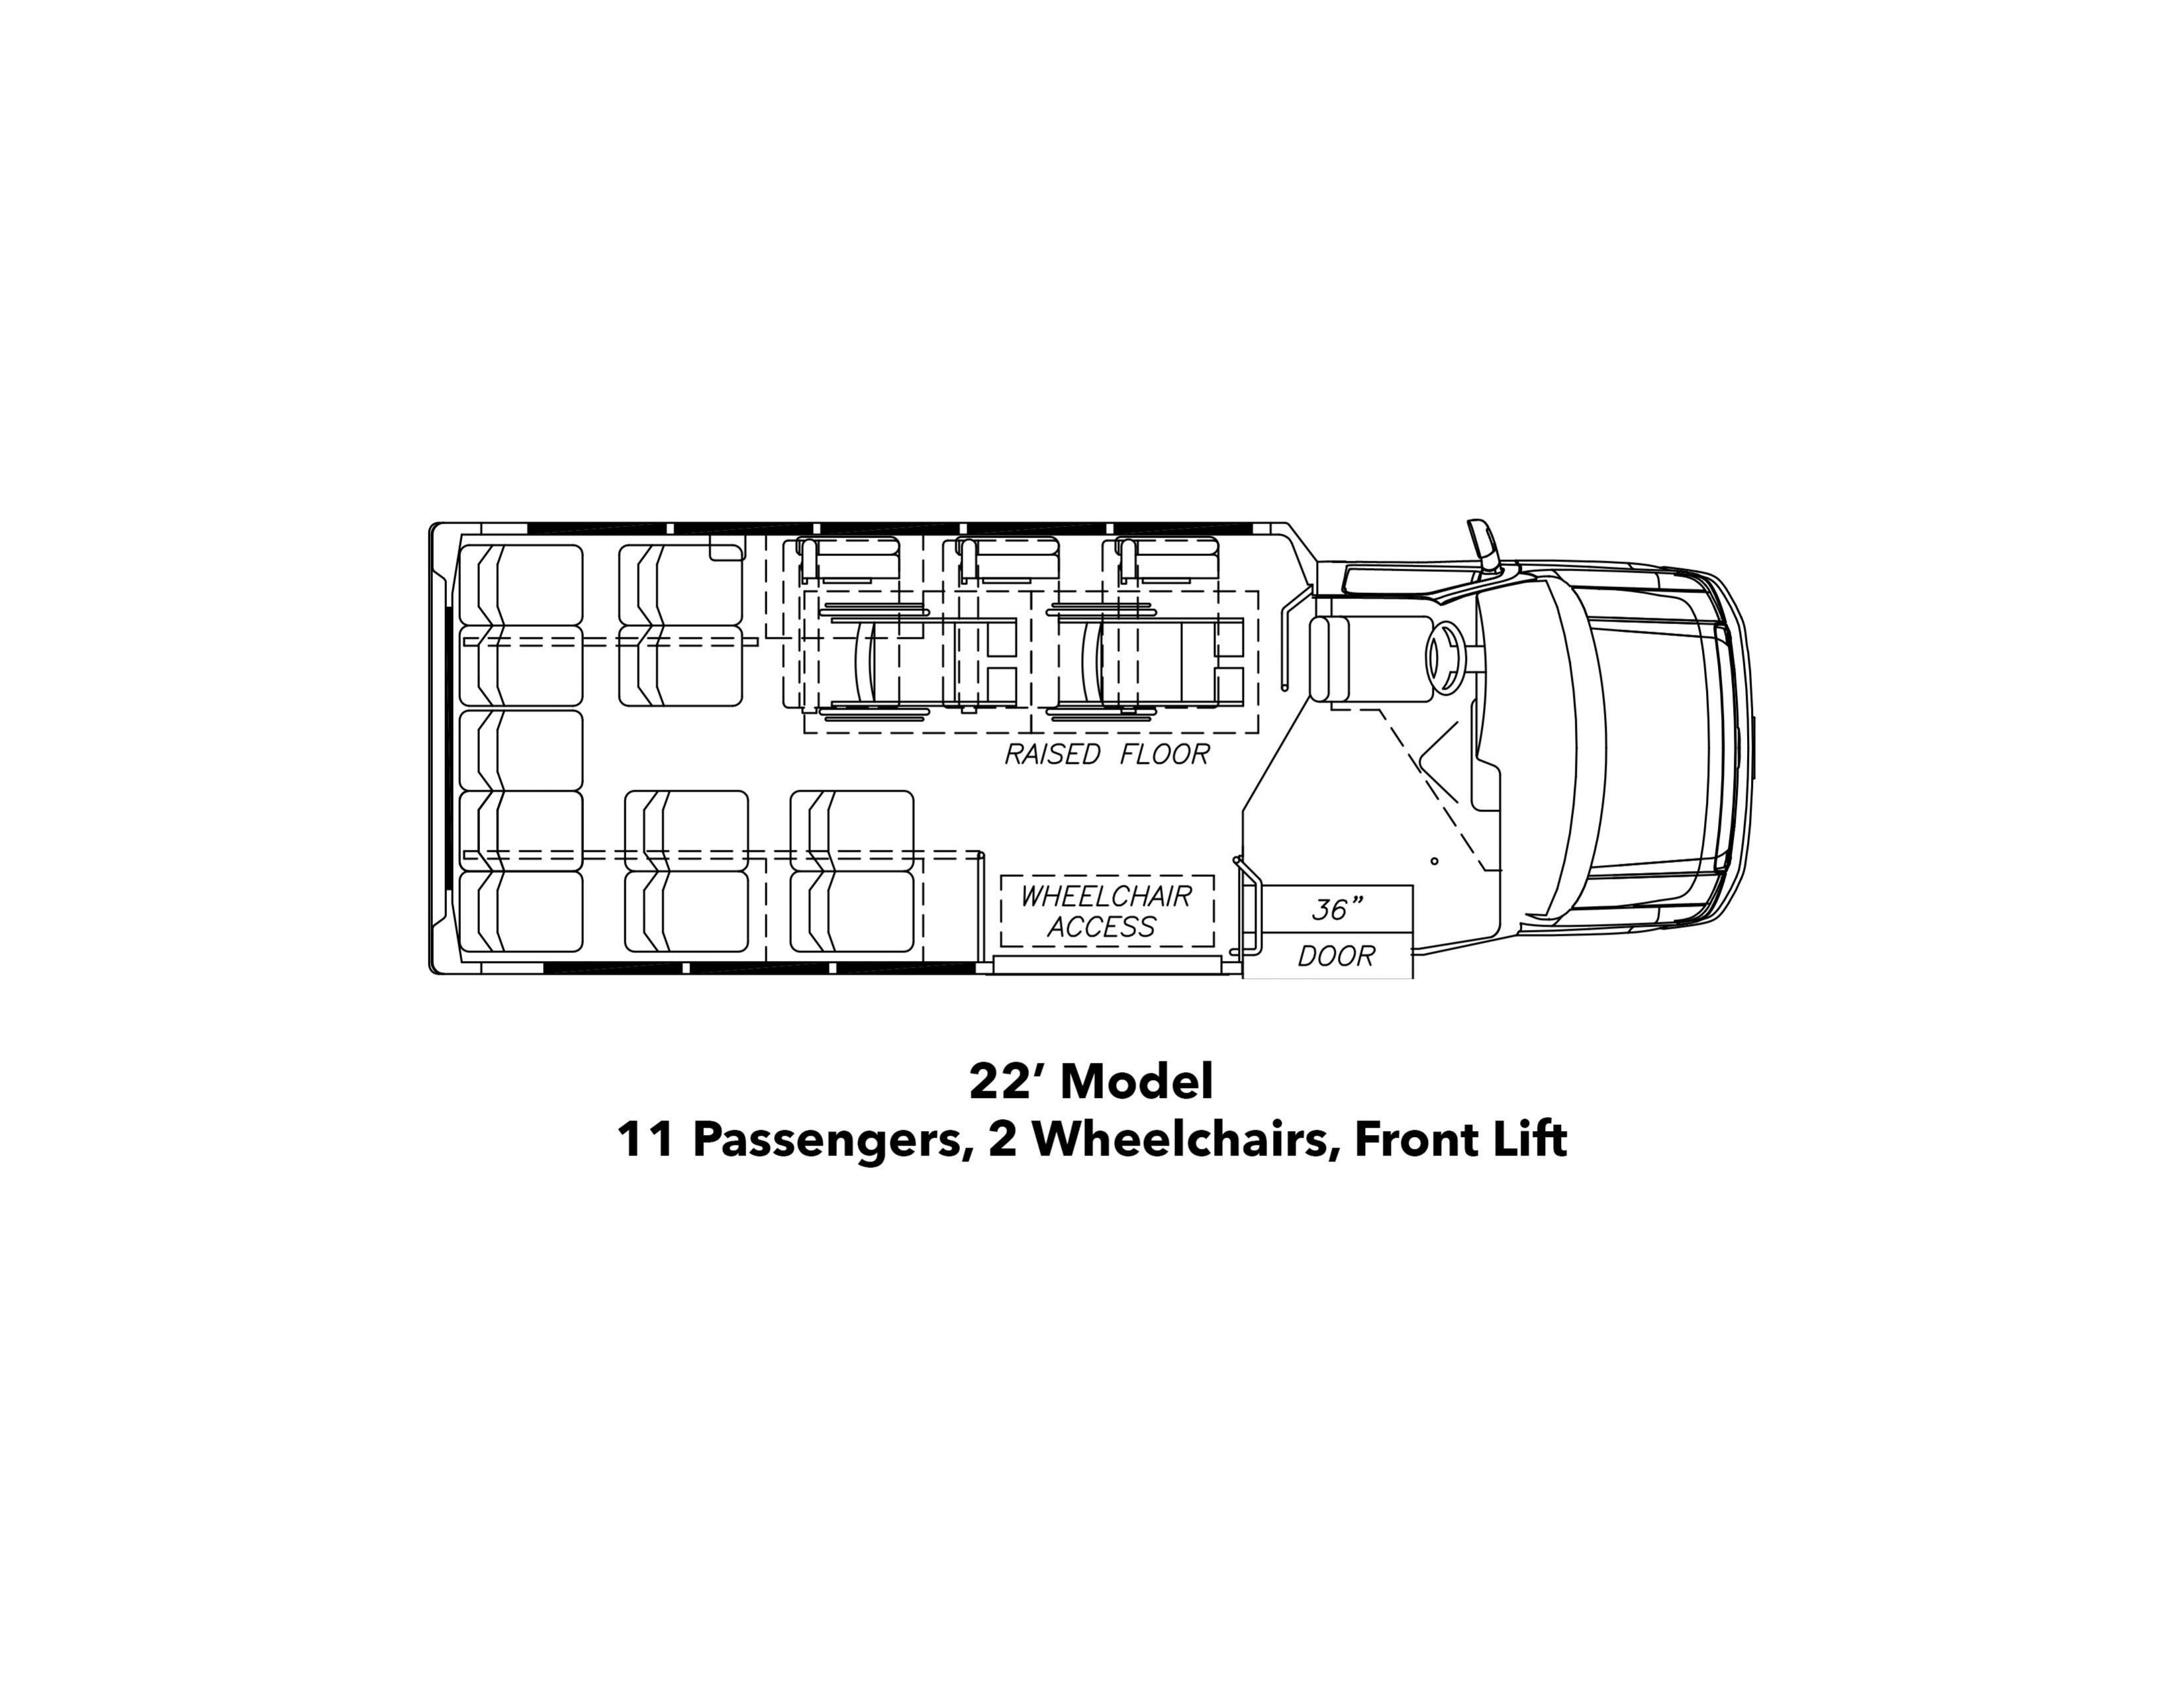 Starcraft Bus Wiring Diagram - Wiring Diagrams Dock